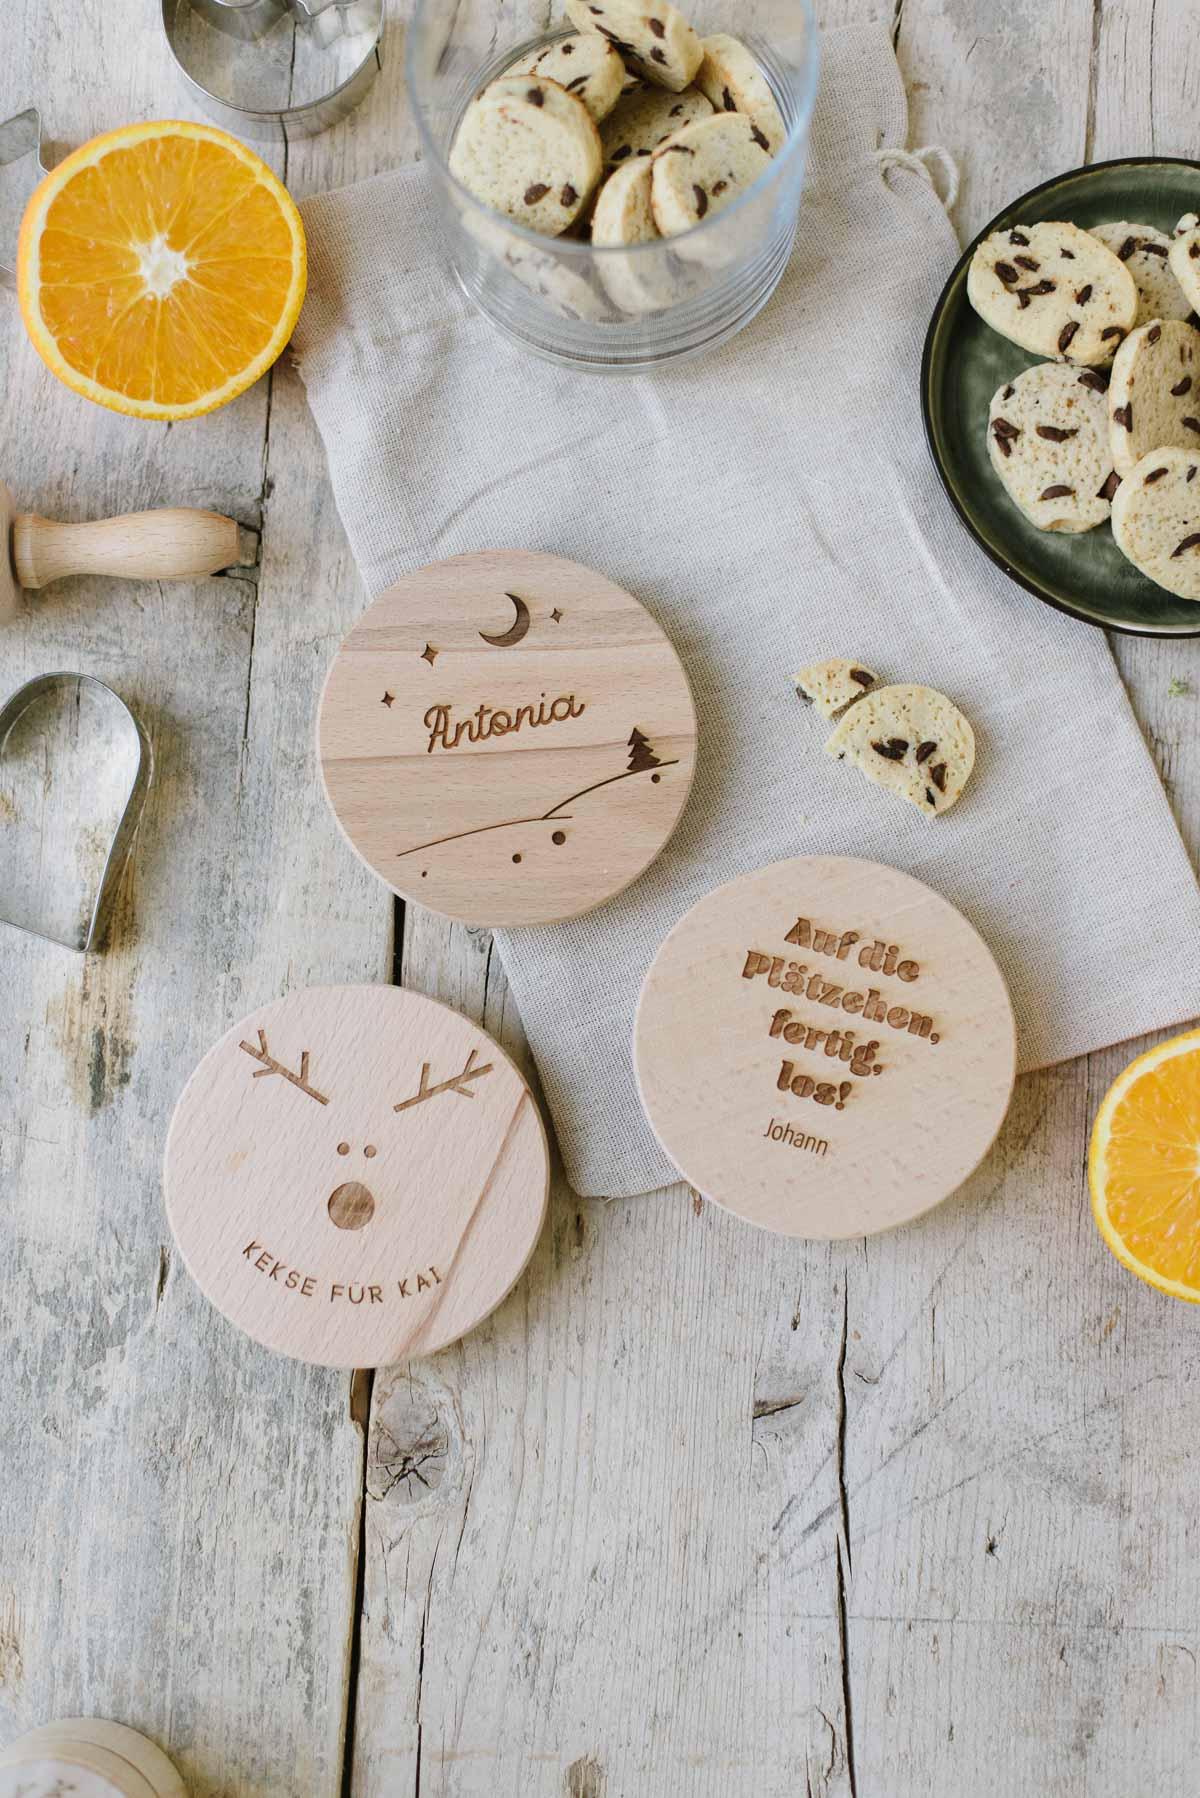 Holzdeckel mit Gravur für Vorratsgläser